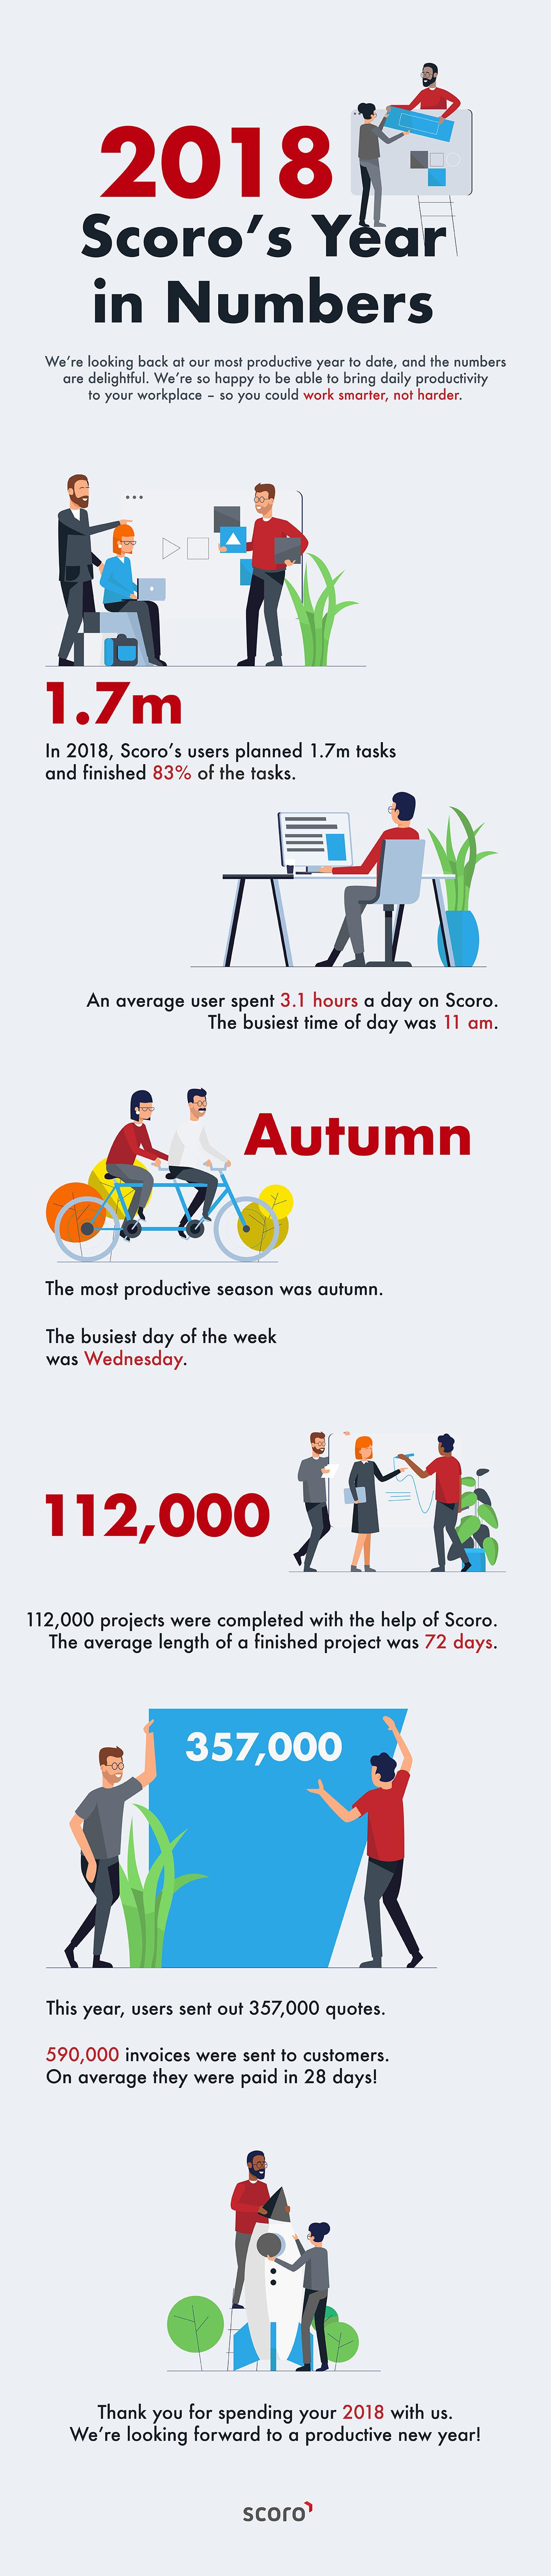 infographic-2018-scoro